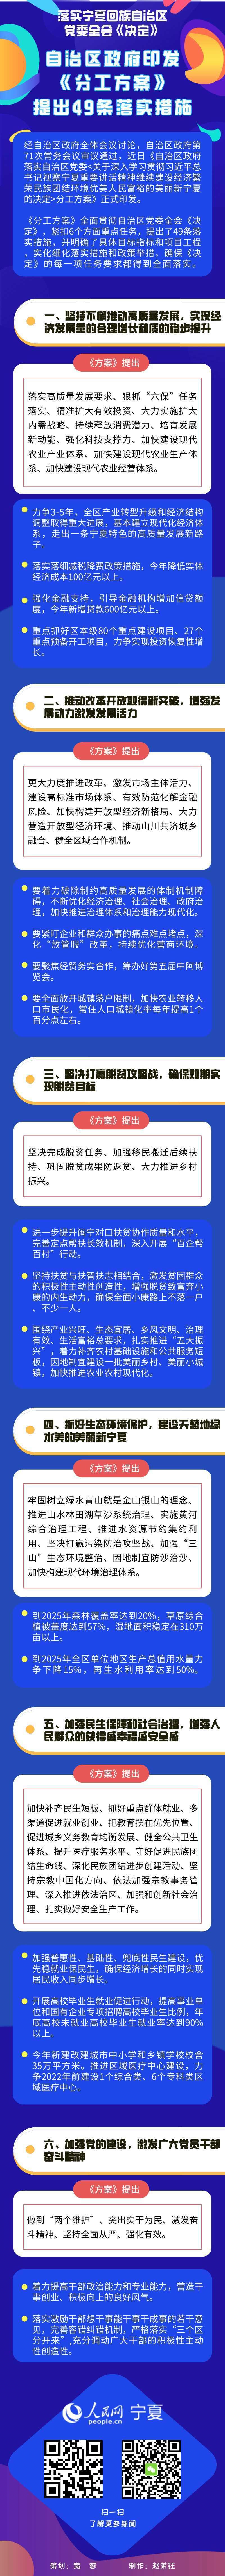 一图读懂:宁夏回族自治区政府印发《分工方案》提出49条具体措施